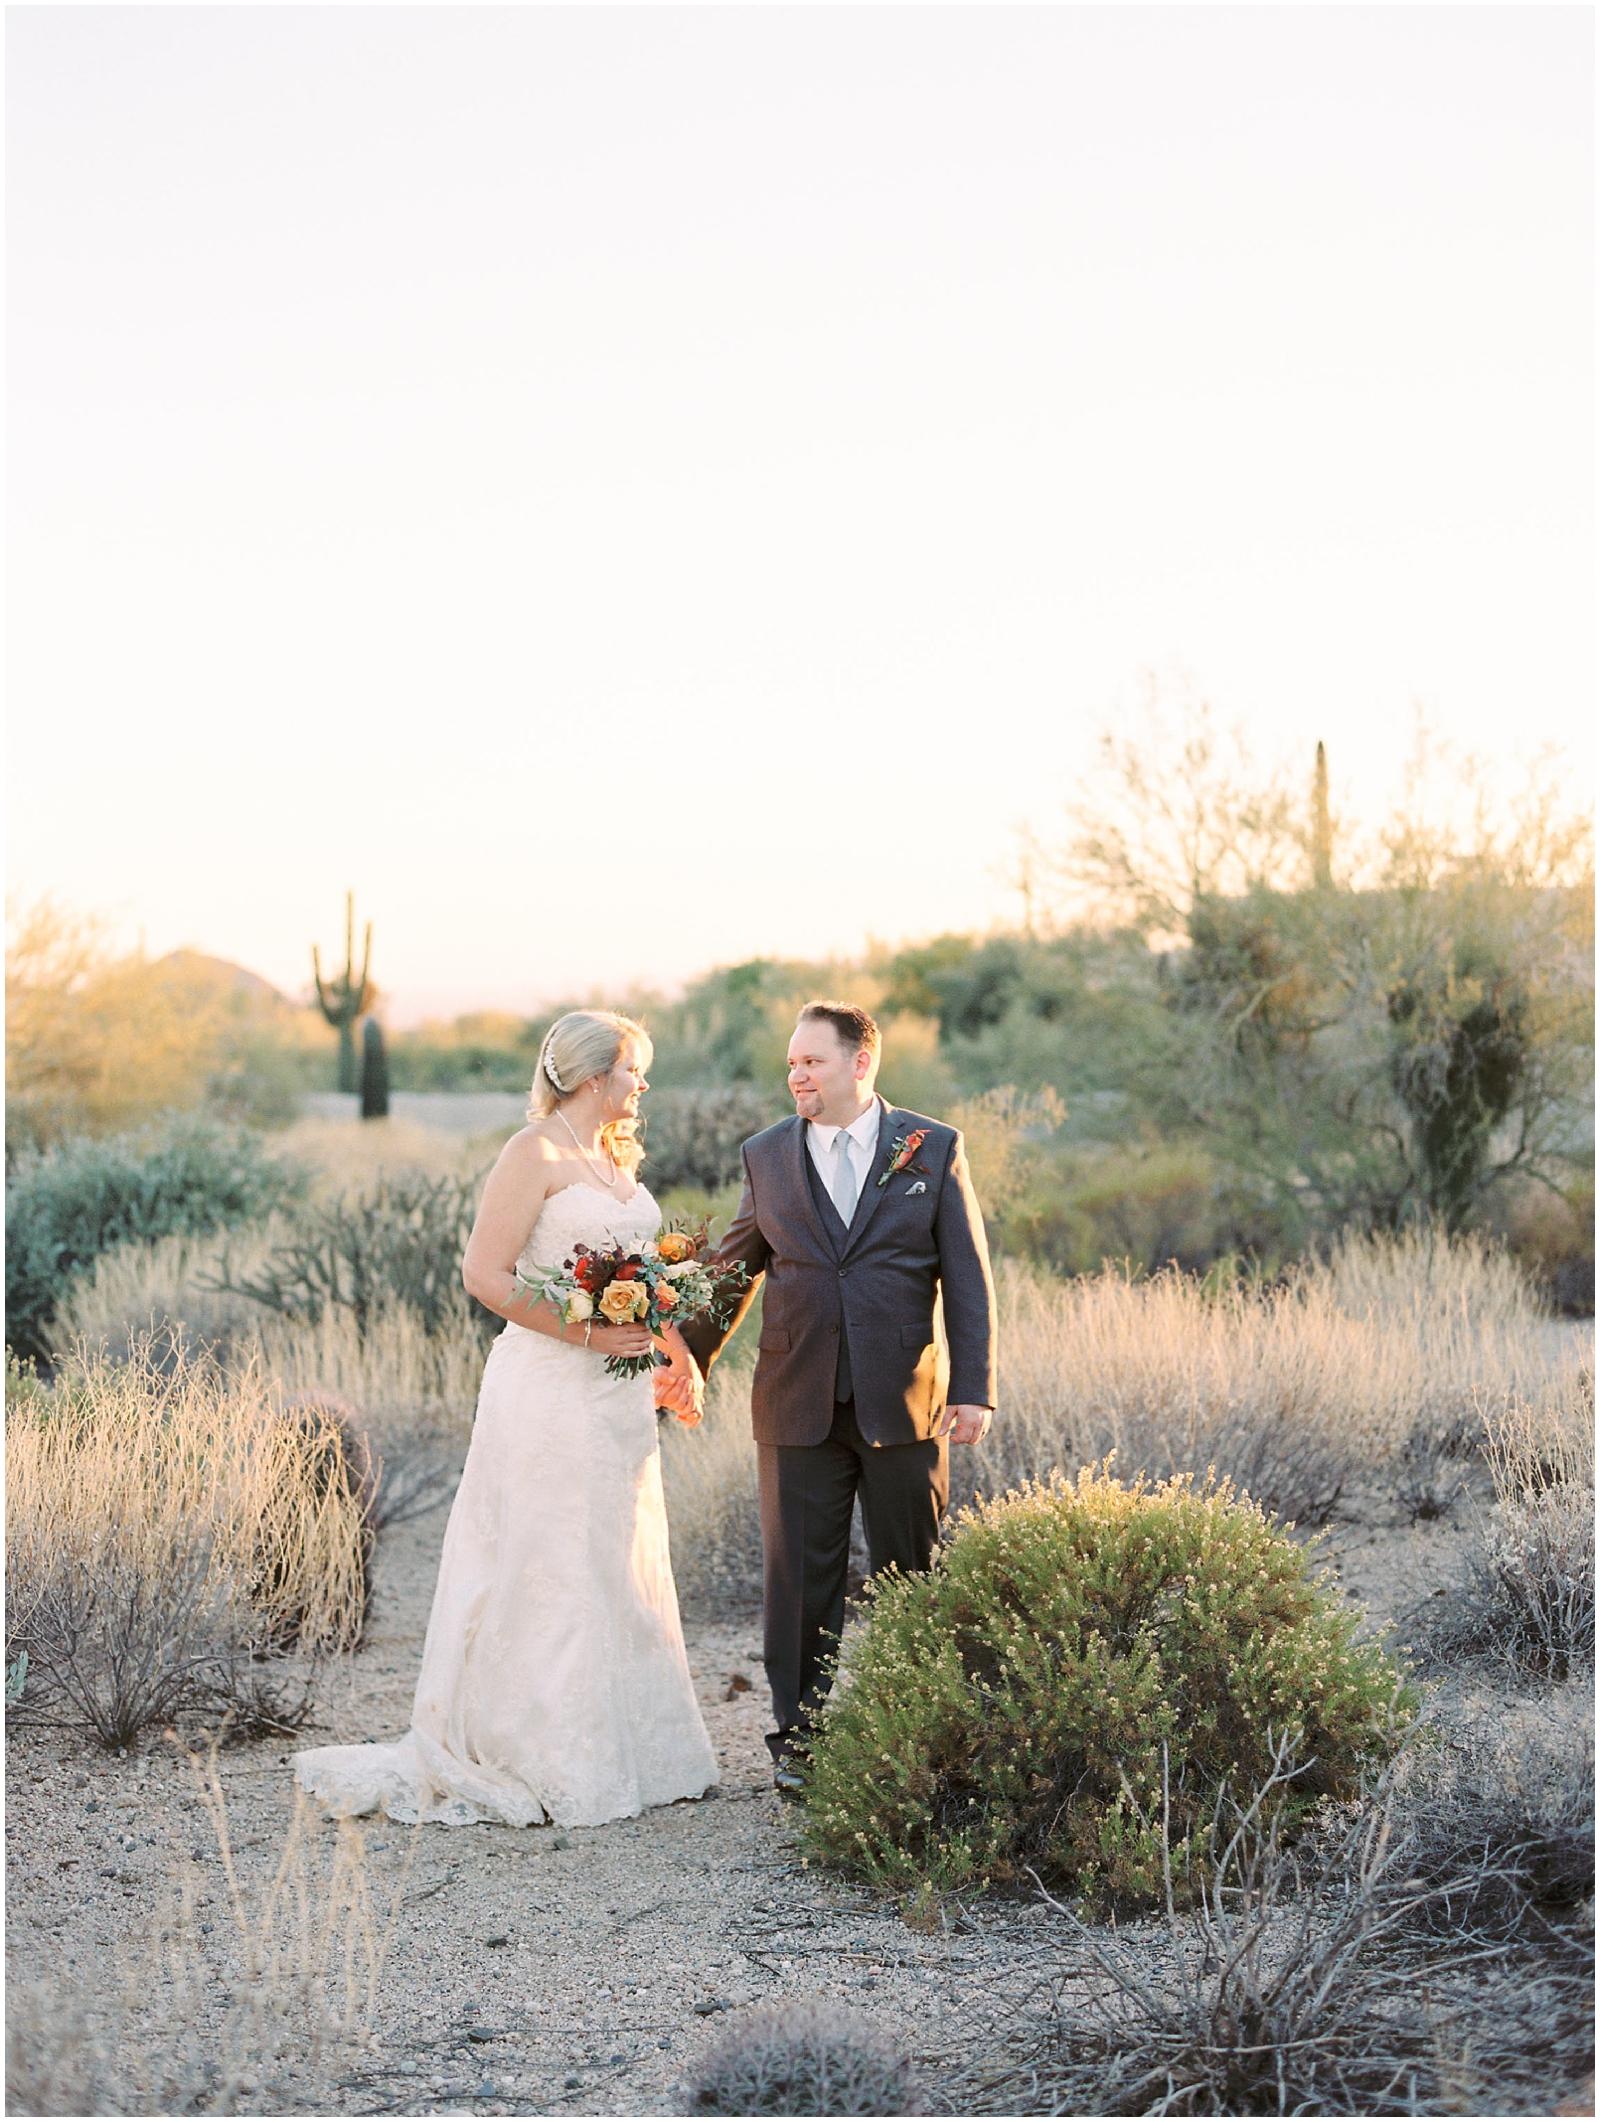 SASSI WEDDING – ERIKA & RYAN